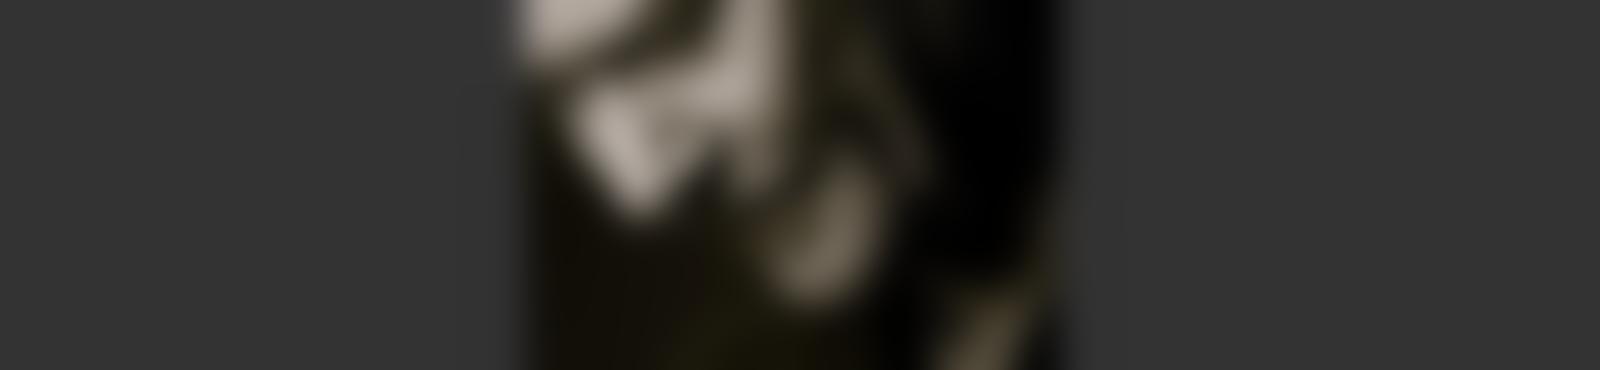 Blurred 0c3090c1 4f37 4a07 a197 5173e712ef49